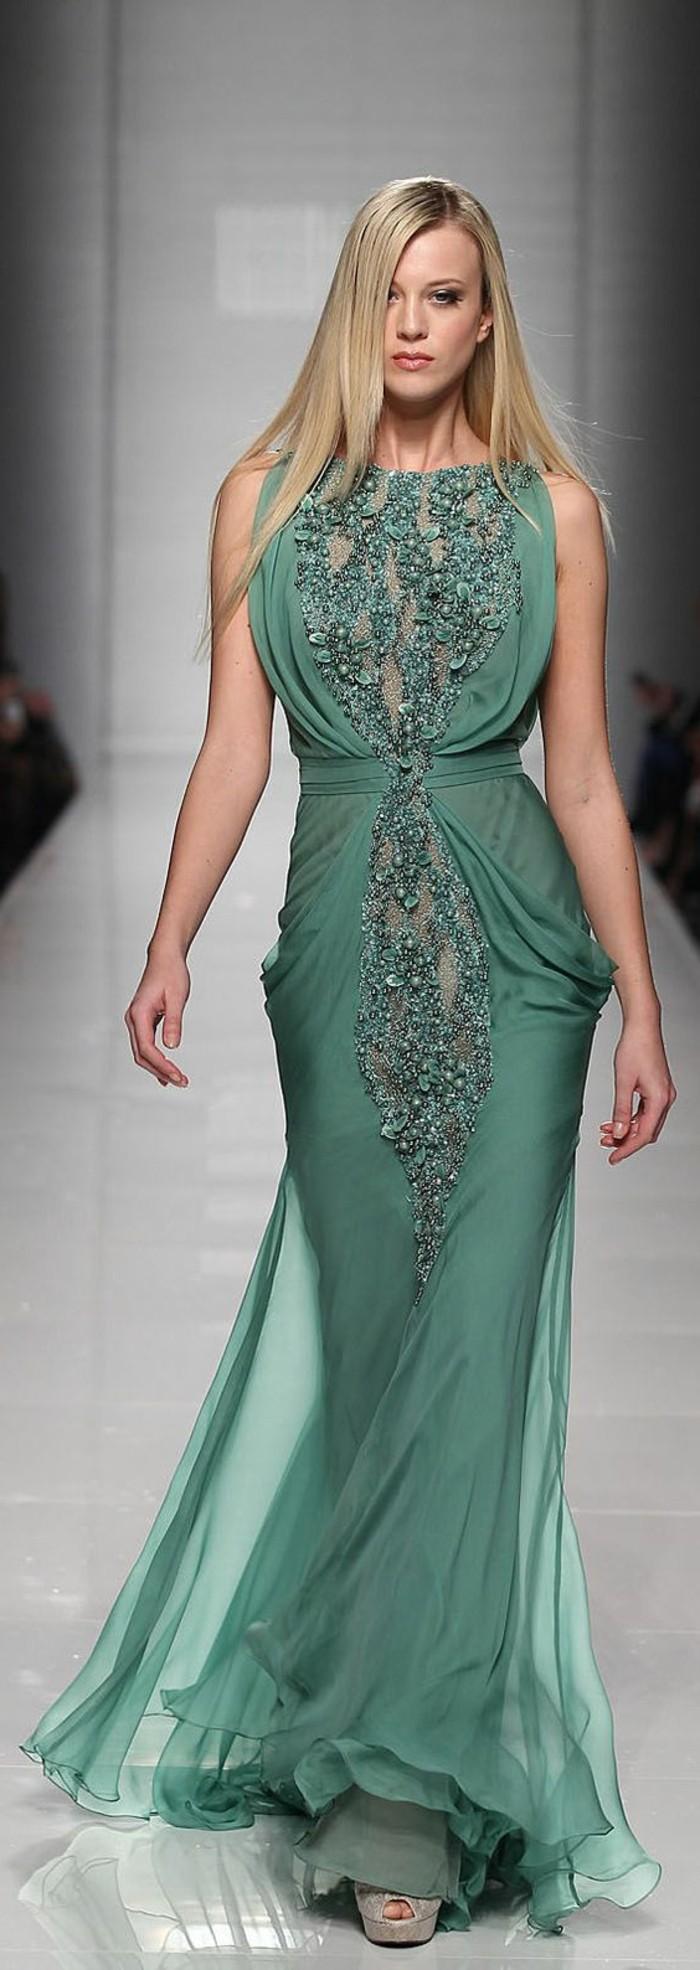 Elegante Kleider für die besonderen Anlässe